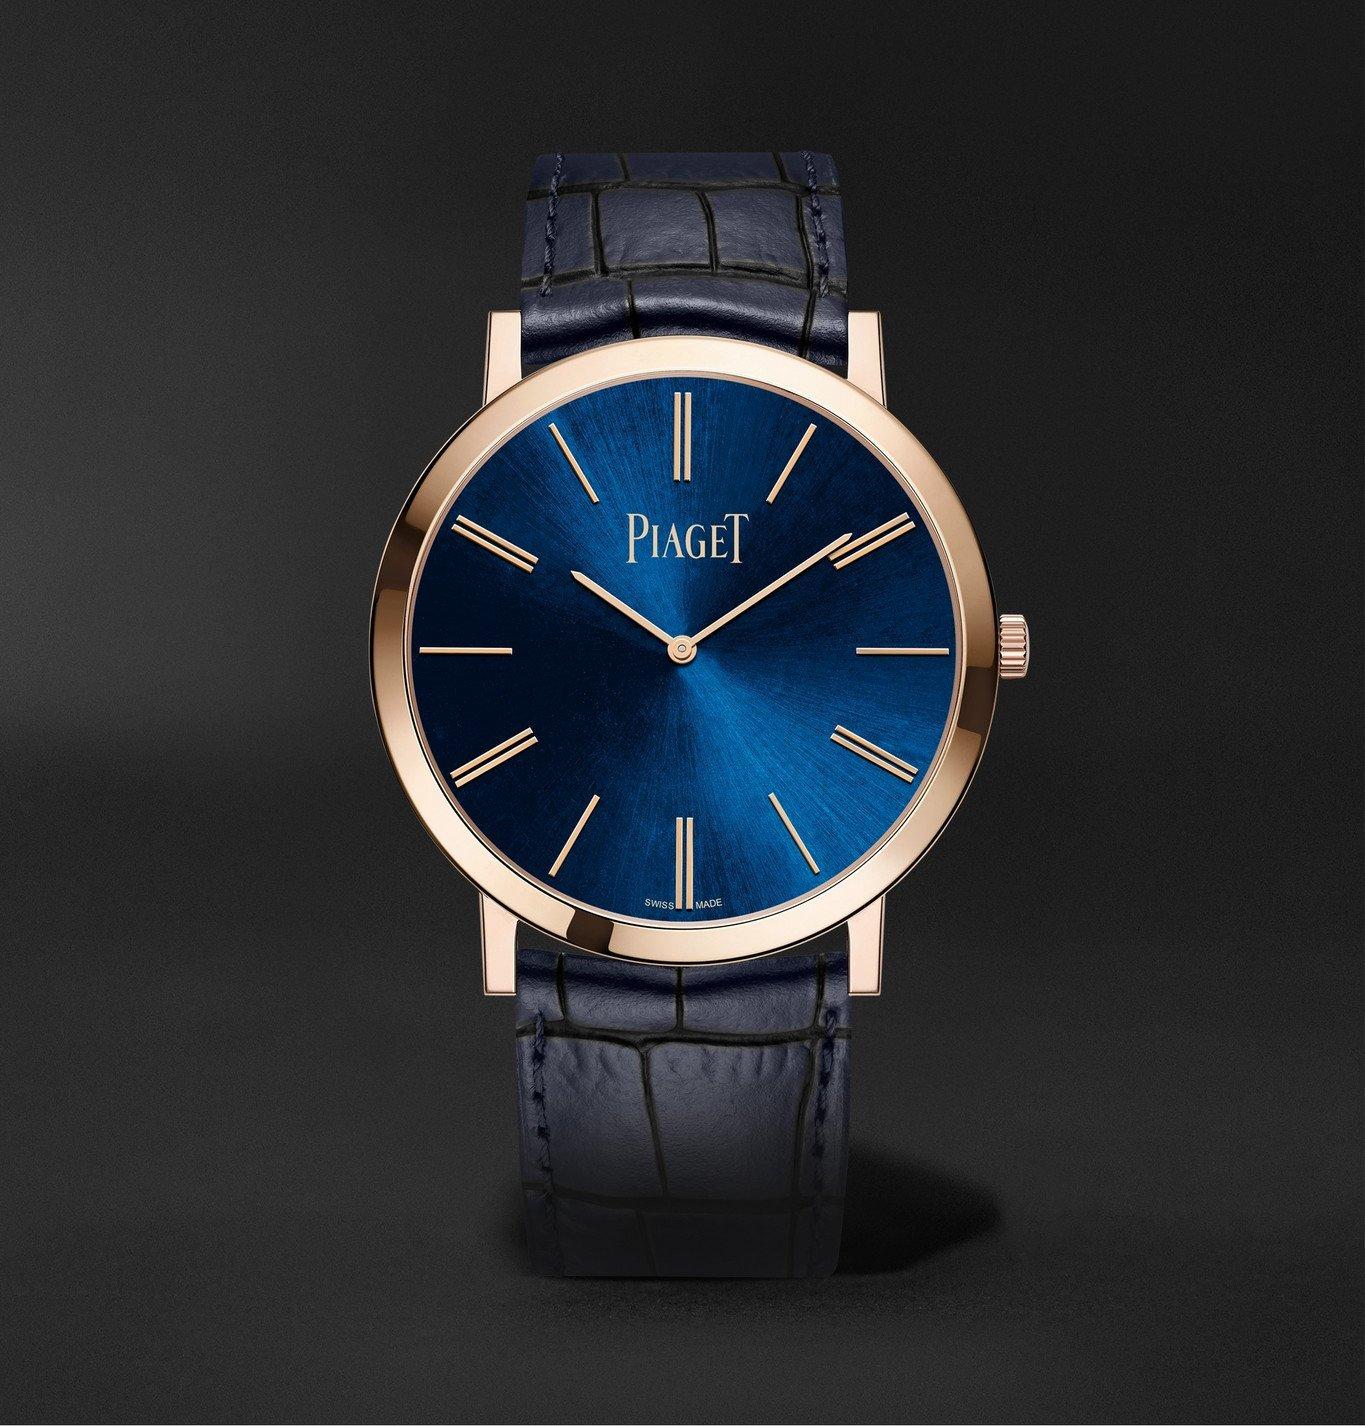 Photo: Piaget - Altiplano Hand-Wound 38mm 18-Karat Rose Gold and Alligator Watch, Ref. No. G0A45050 - Blue